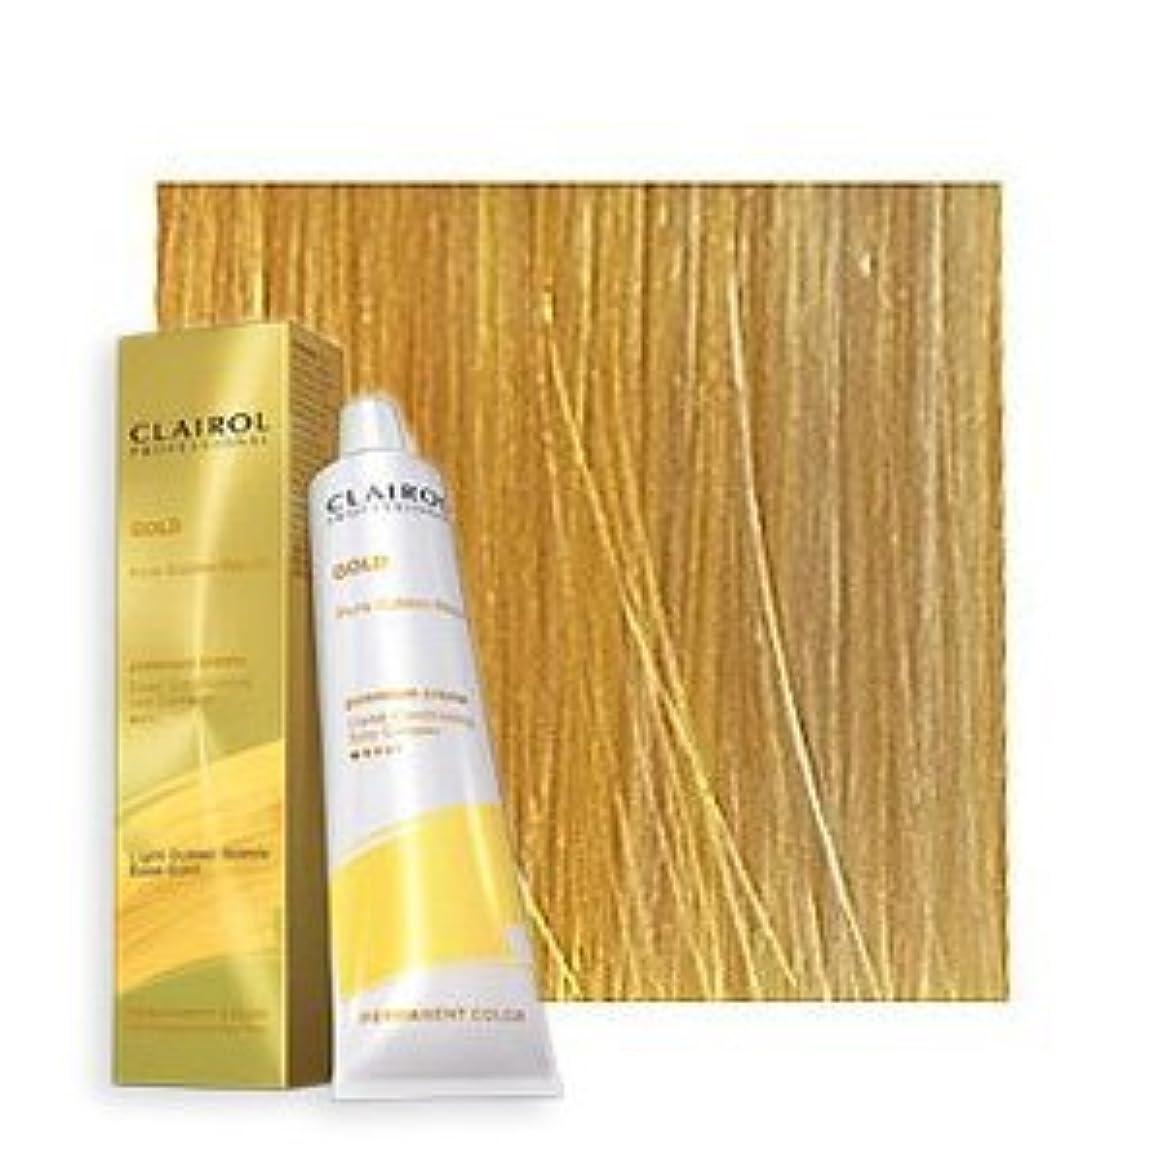 平等エイズ途方もないClairol Professional - SOY4PLEX - Lightest Golden Blonde 10G - 2 oz / 57 g